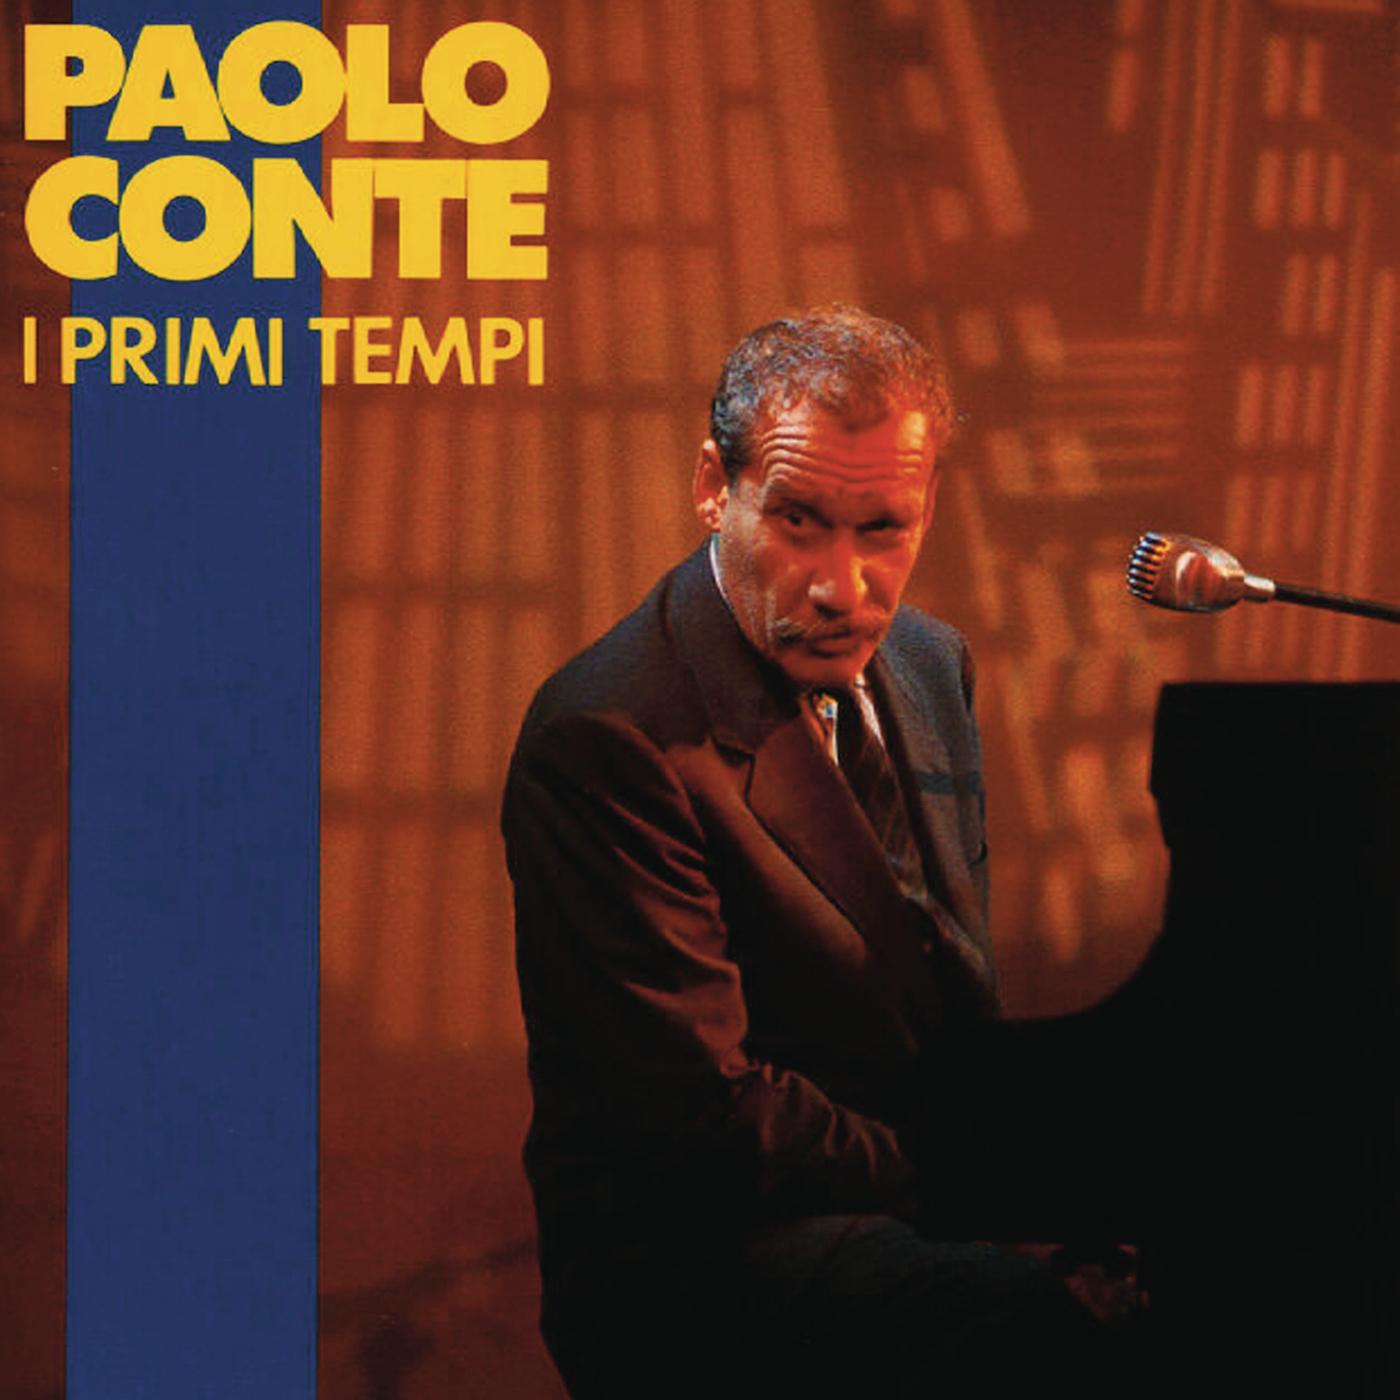 I primi tempi - Paolo Conte